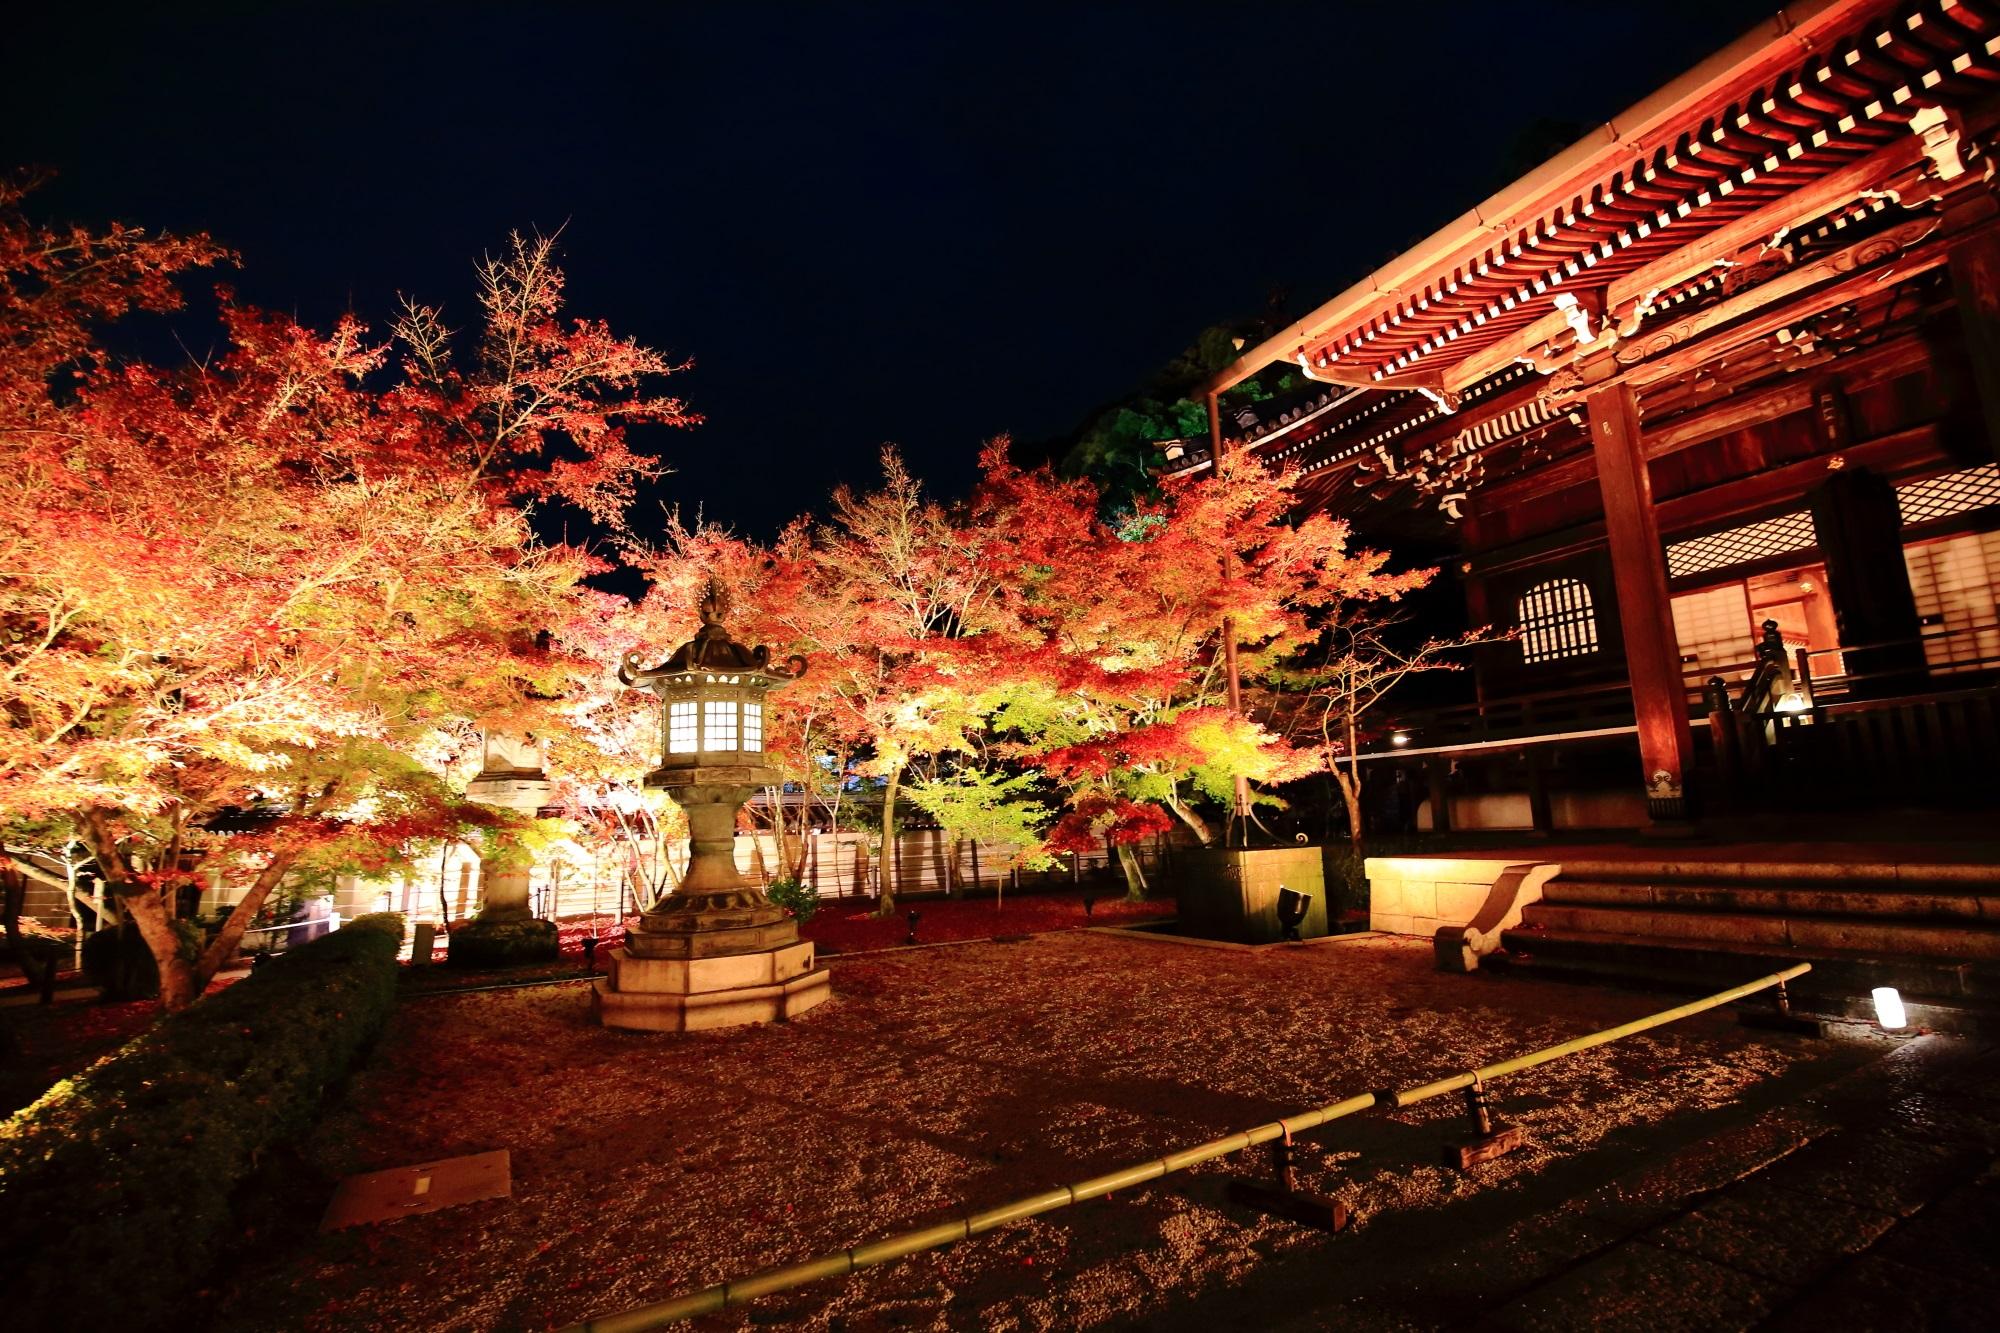 永観堂の御影堂と美しい見ごろの紅葉